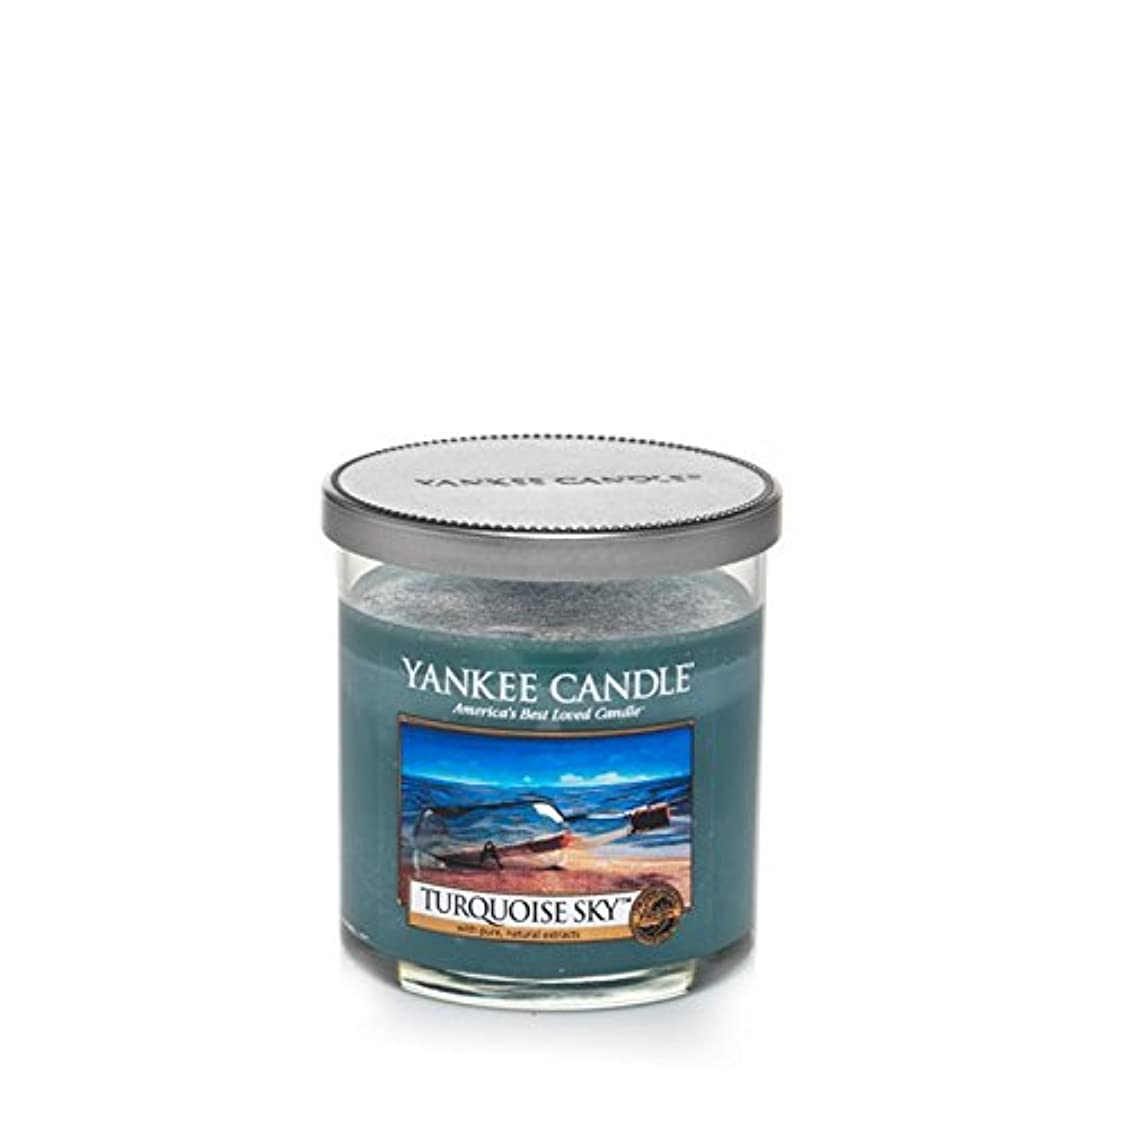 斧ミッションなしでヤンキーキャンドルの小さな柱キャンドル - ターコイズの空 - Yankee Candles Small Pillar Candle - Turquoise Sky (Yankee Candles) [並行輸入品]